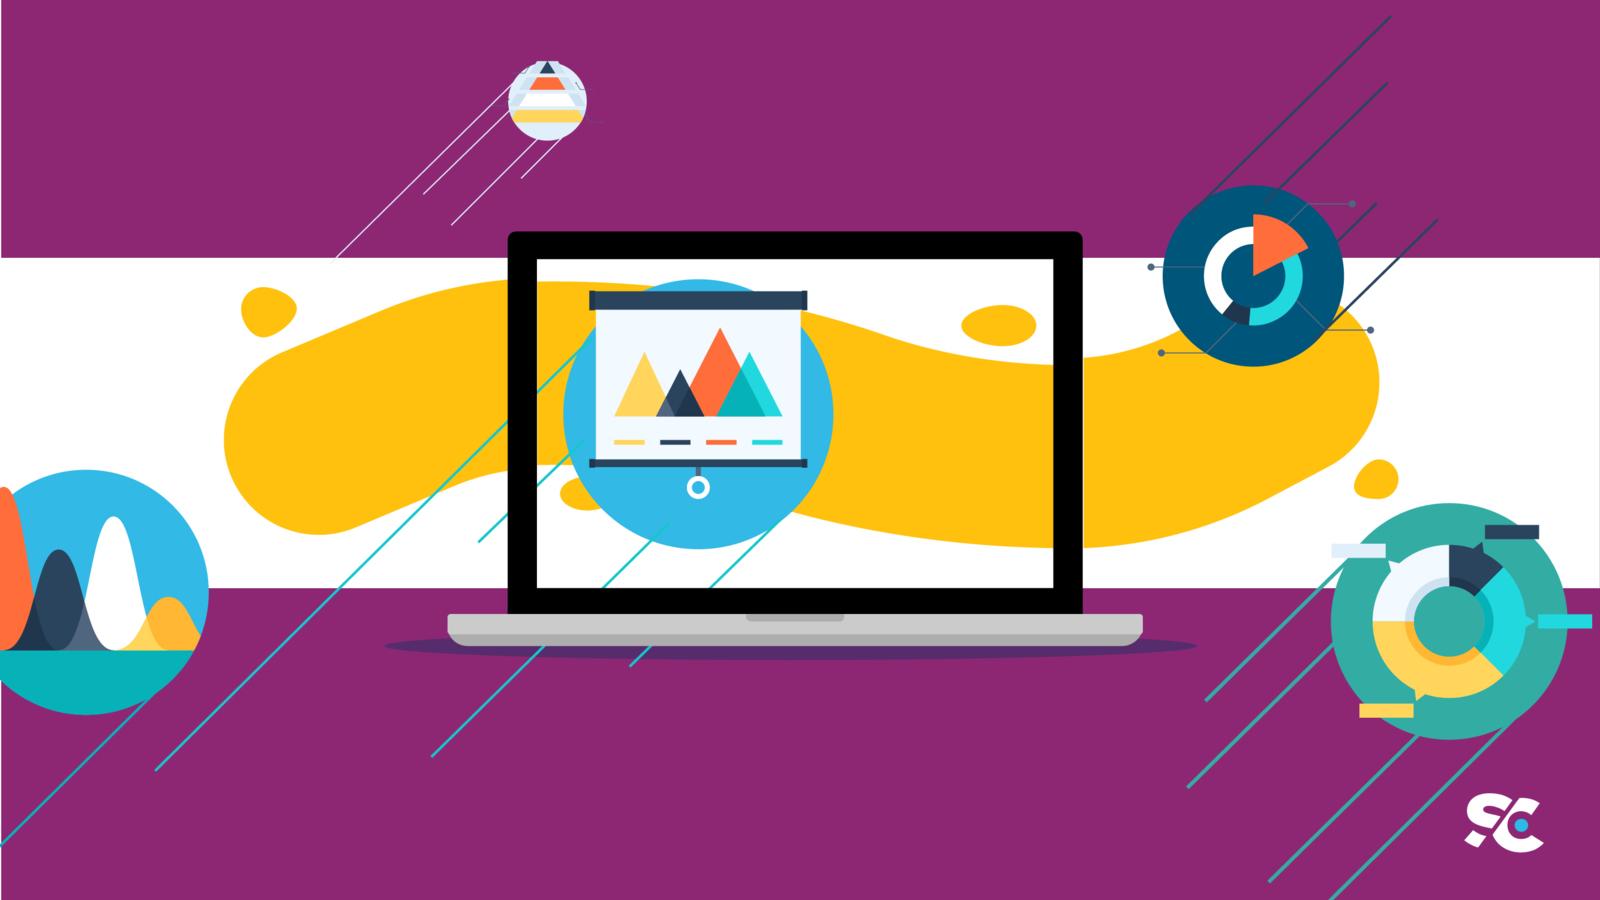 Cách tạo chữ nghệ thuật trong PowerPoint 2010 nhanh nhất